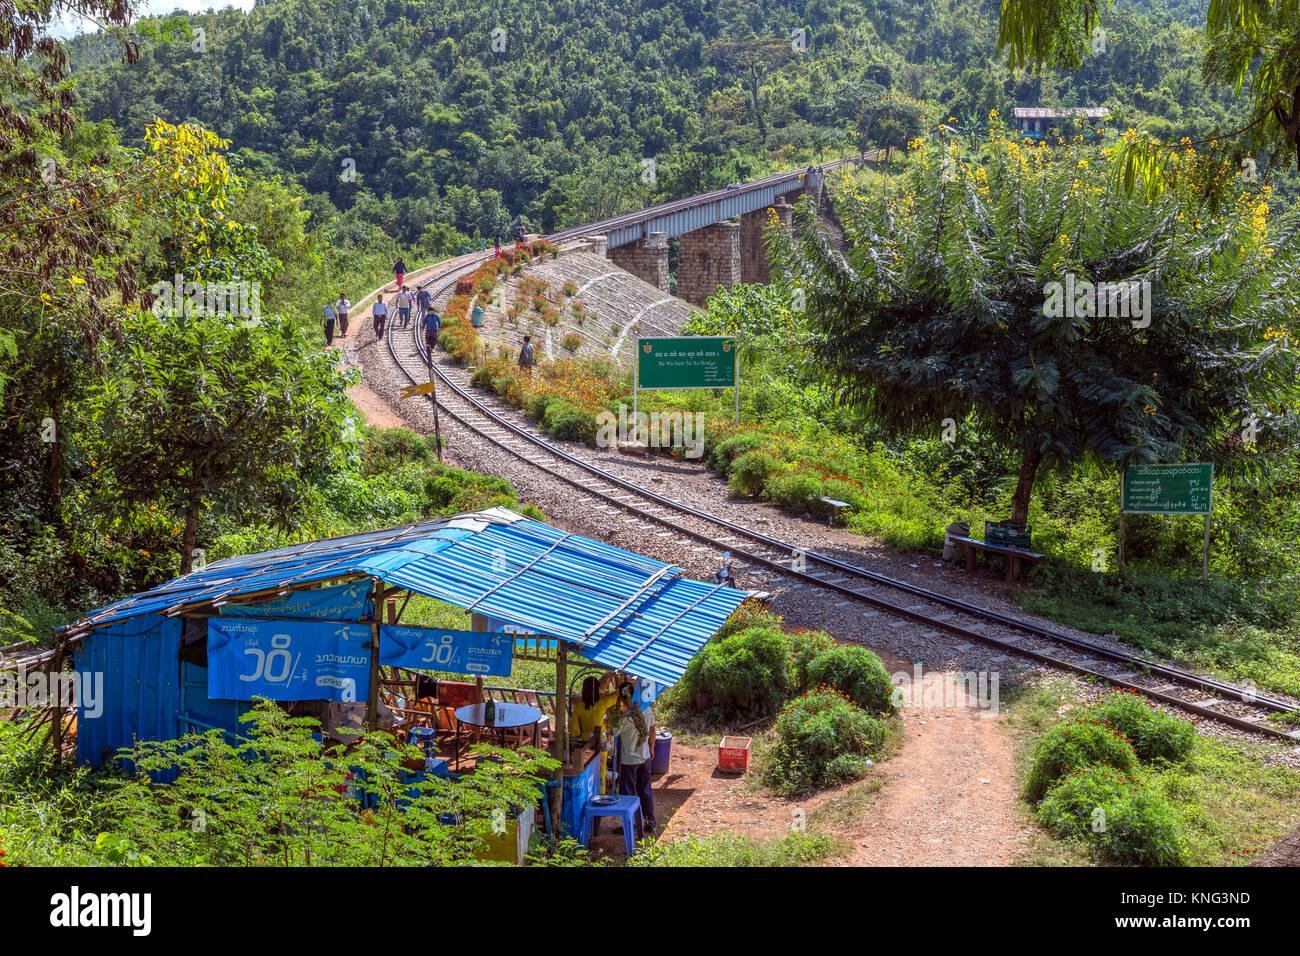 Ba Wa Sam Sa Ra Bridge, Heho, Myanmar, Asia - Stock Image